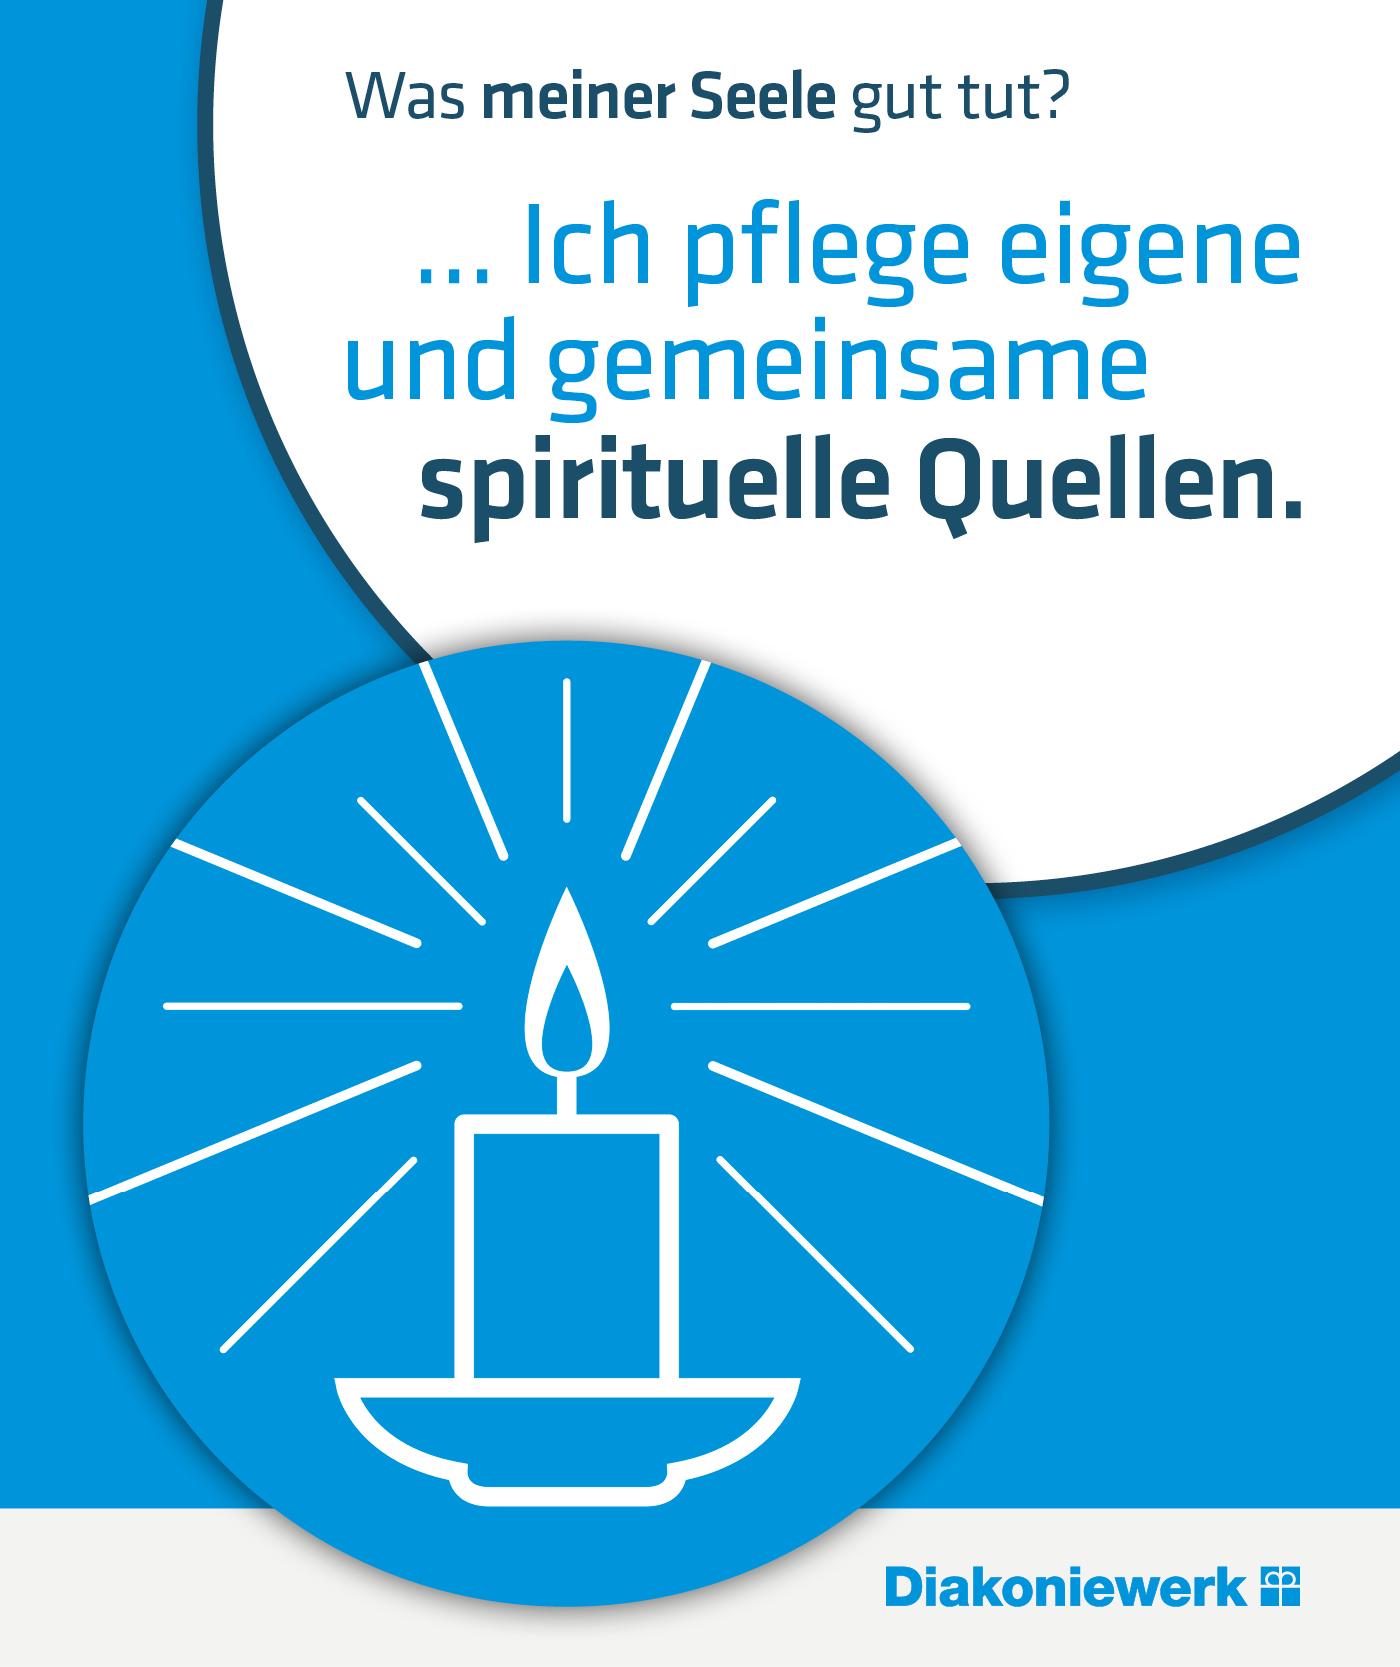 Seelengesundheit im Diakoniewerk - Ich pflege eigene und gemeinsame spirituelle Quellen